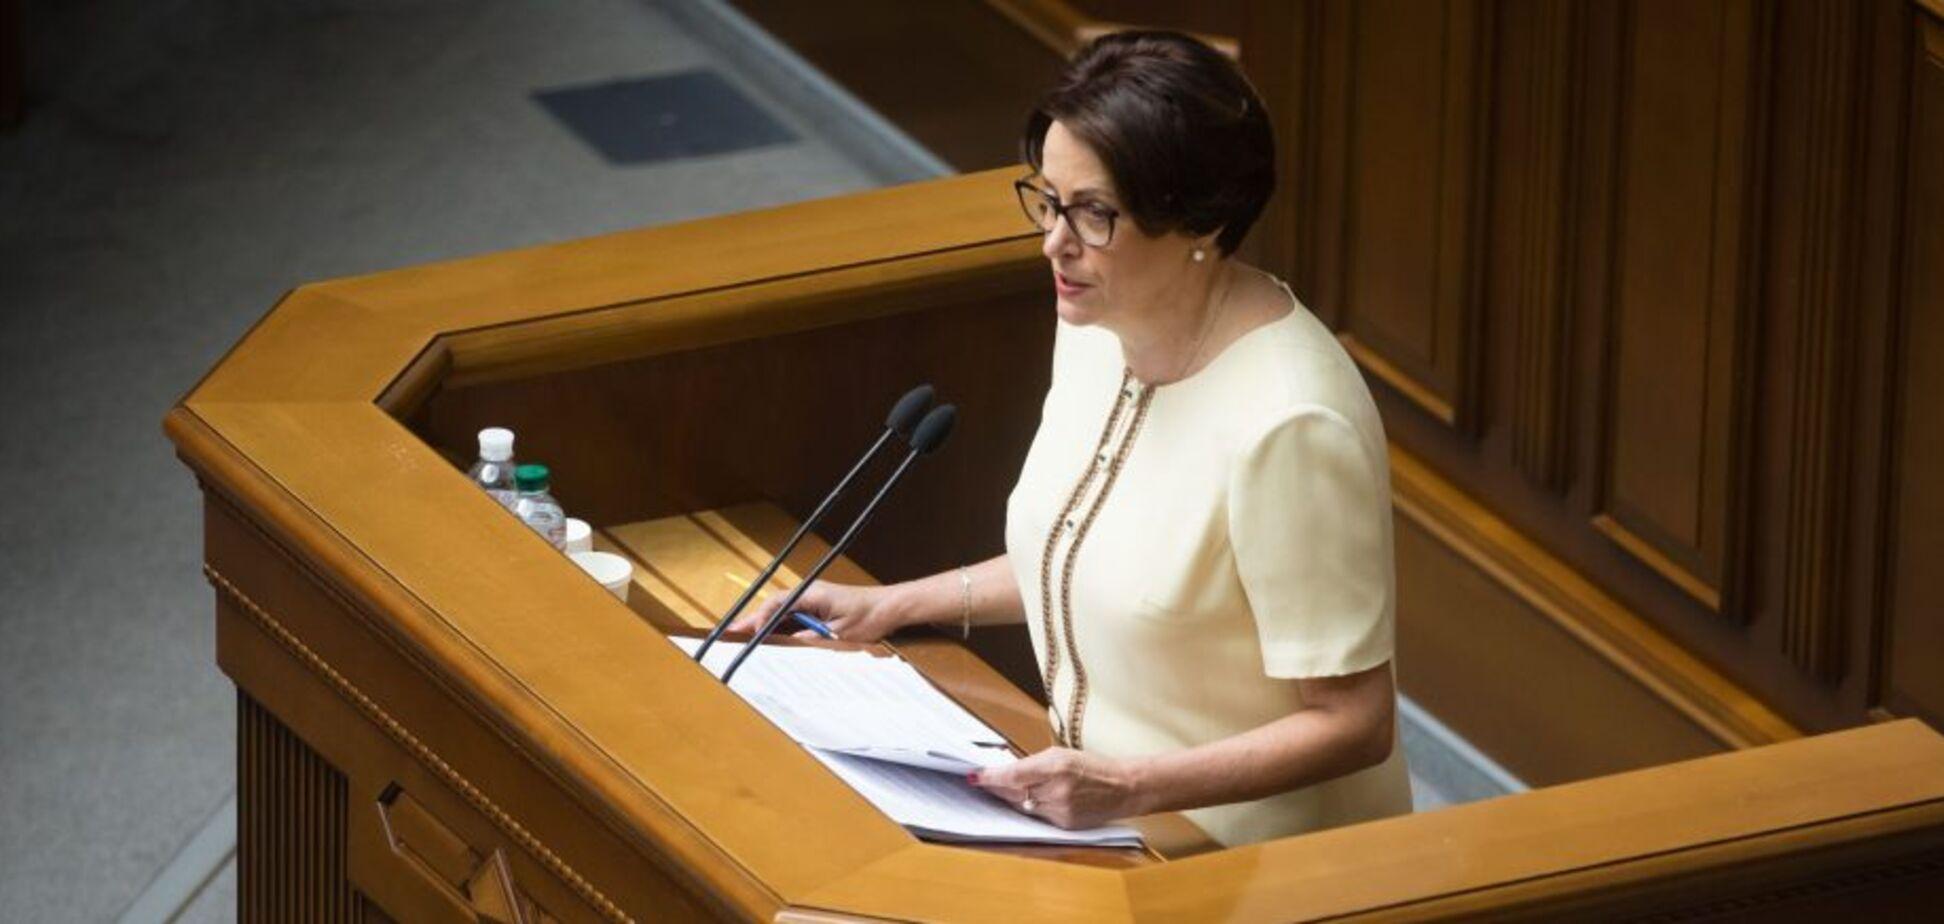 Южаніна закликала припинити законодавчий тиск на бізнес